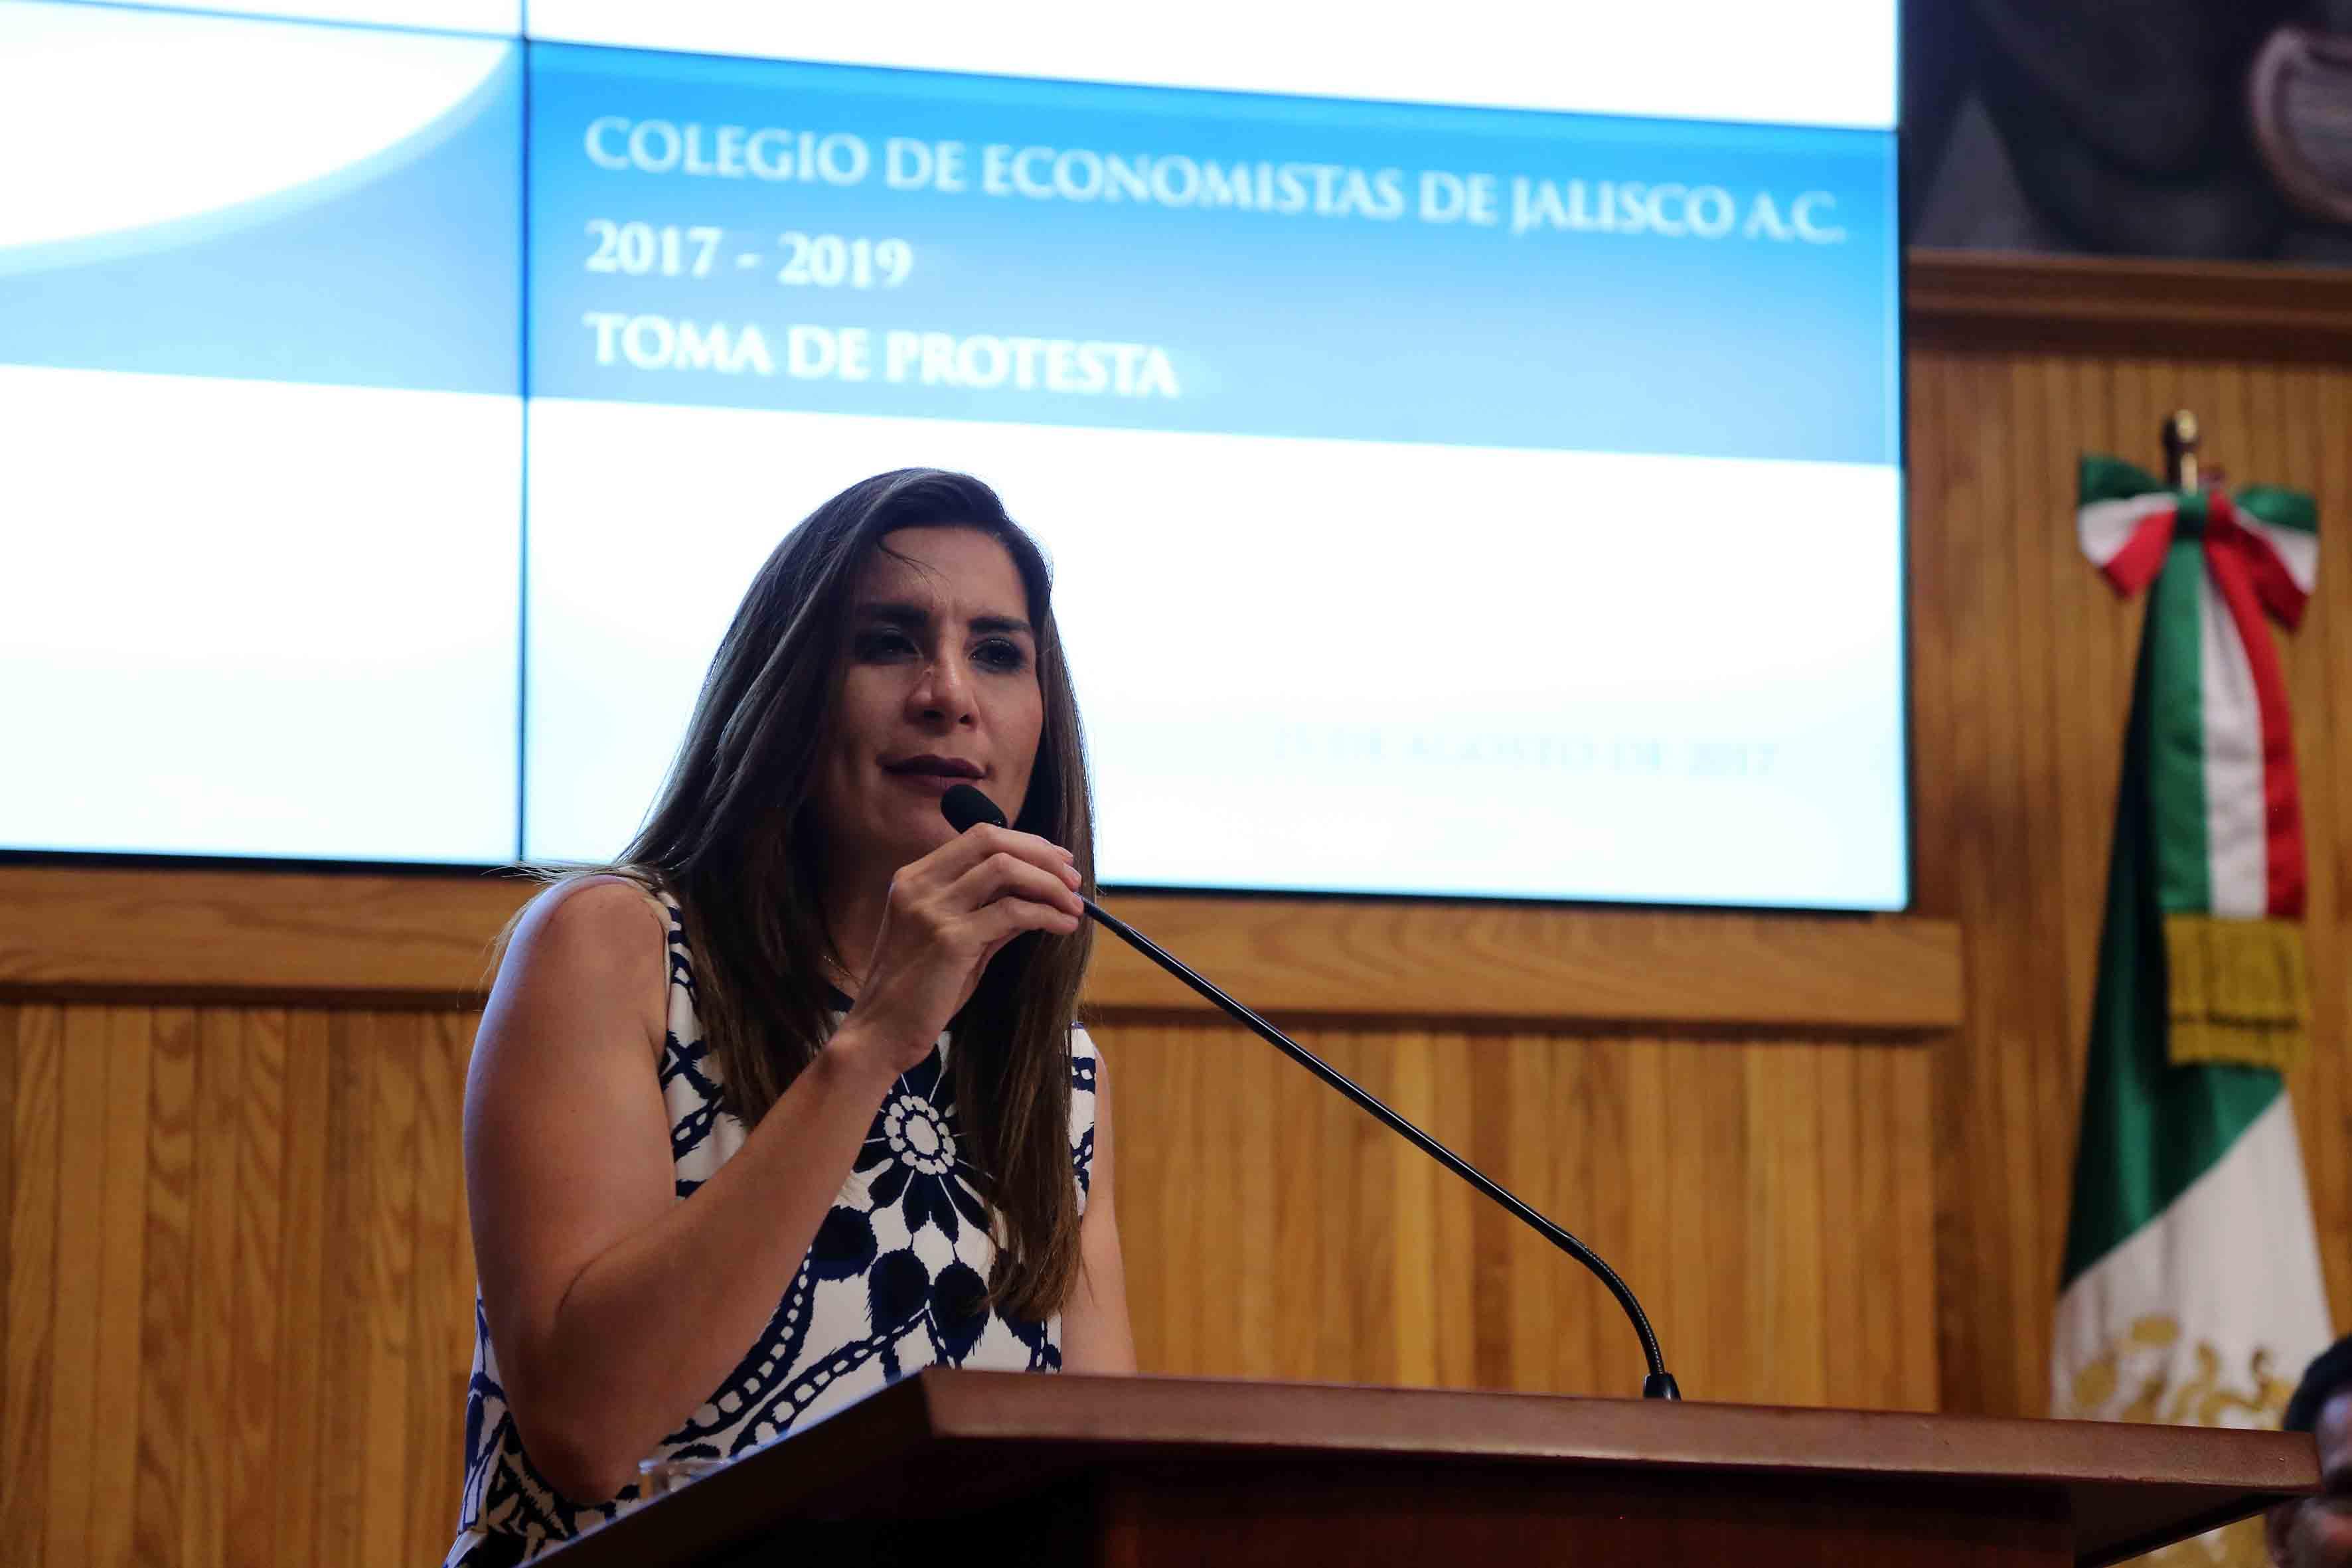 Mtra Soraya Pérez Munguía, Presidenta de la Federación de Colegios de Economistas de la República Mexicana, haciendo uso de la palabra